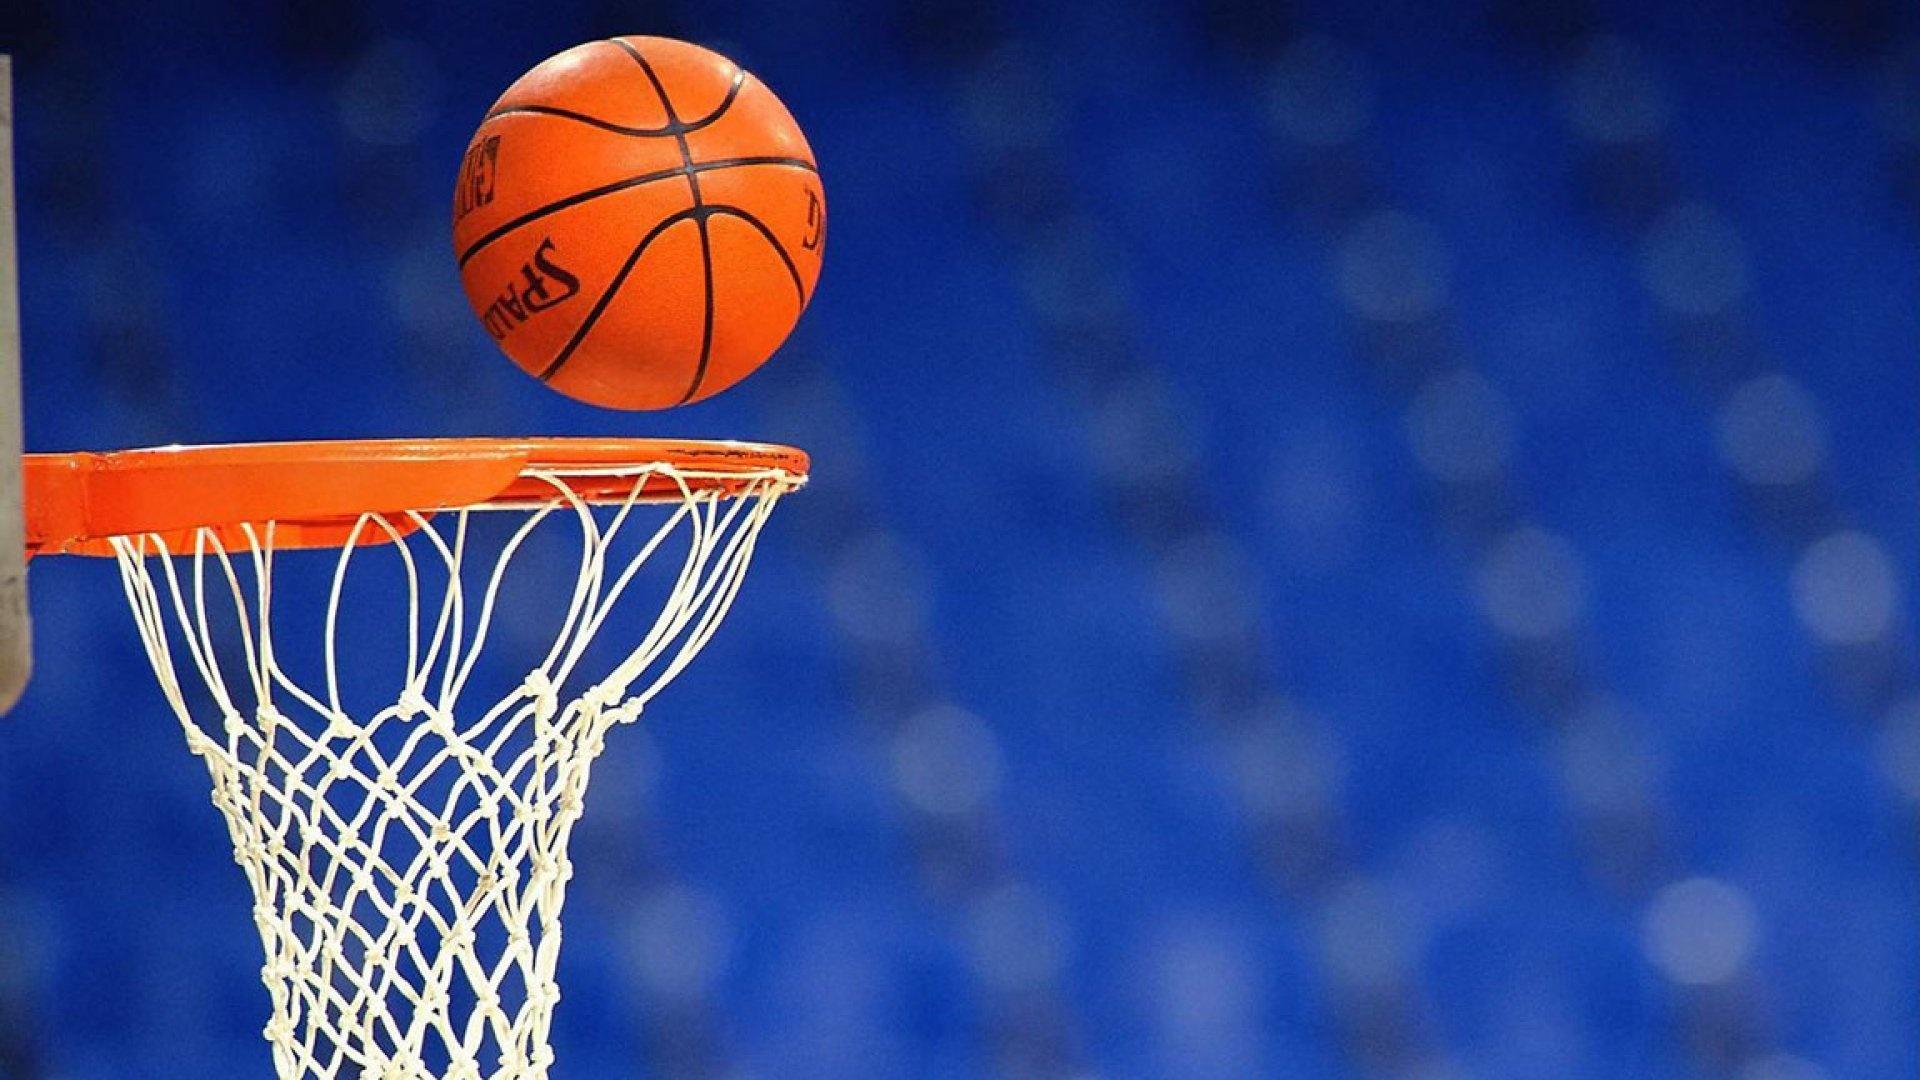 Basketball computer wallpaper